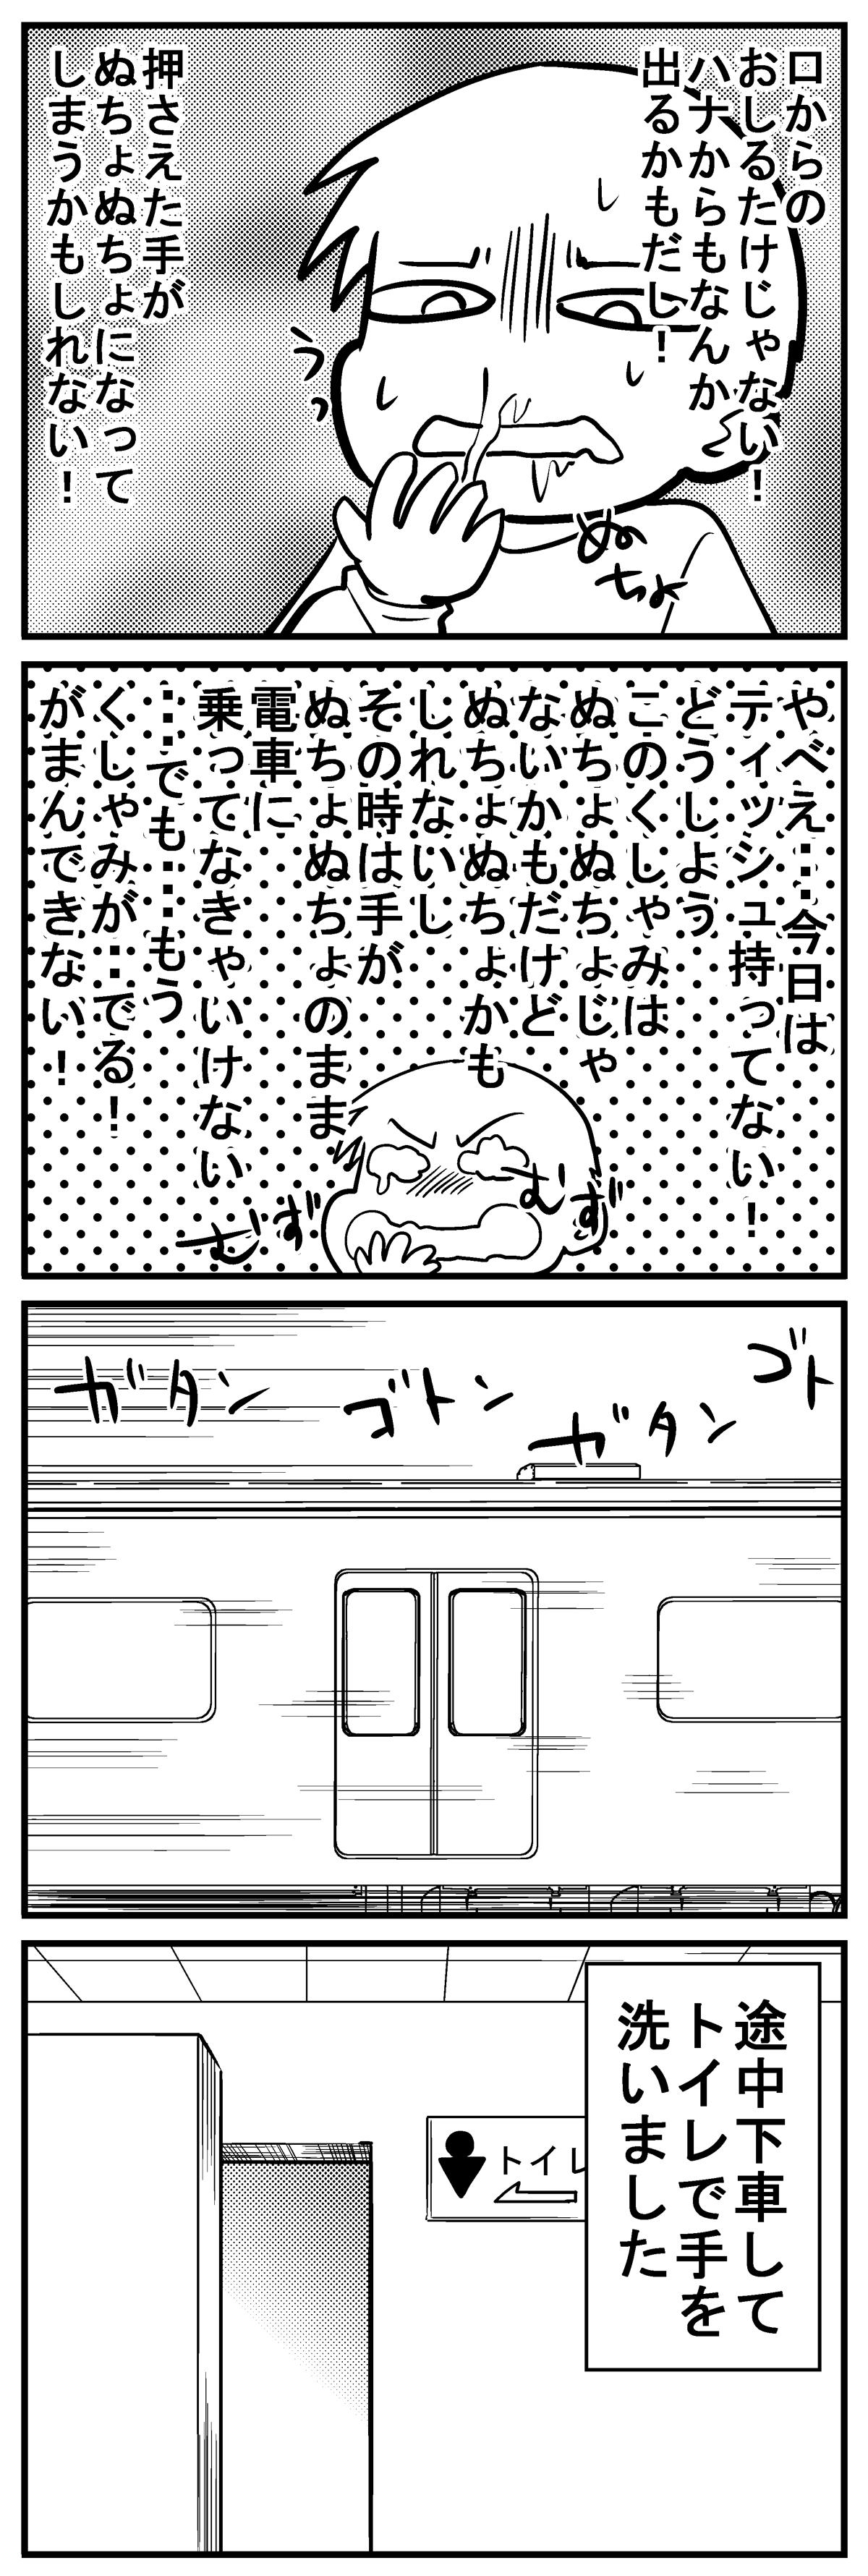 深読みくん54-2